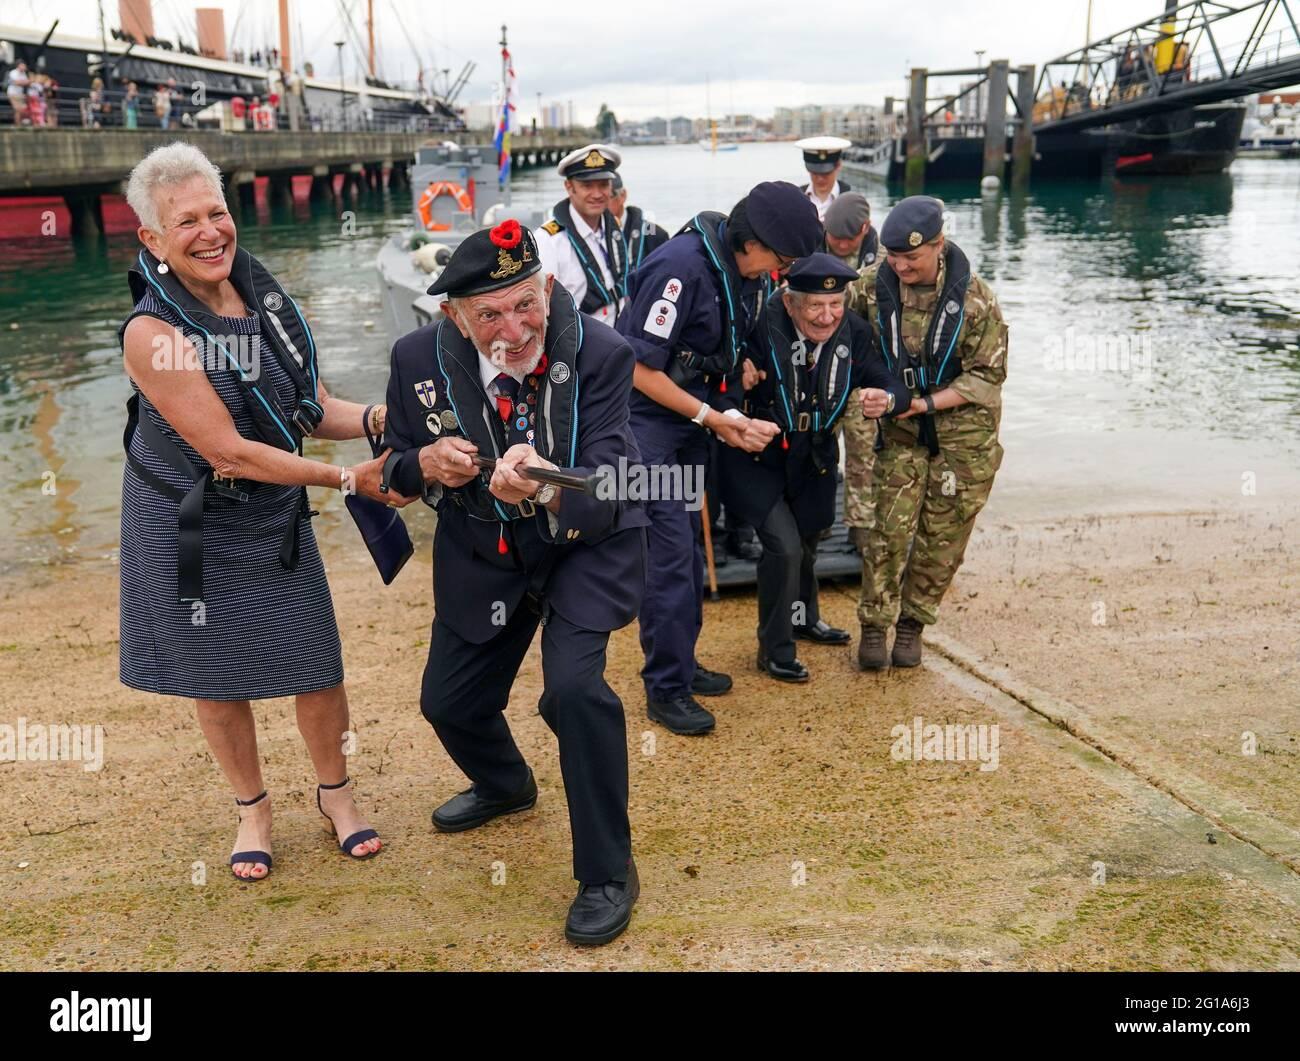 Joe Cattini, veterano del D-Day, solleva il suo bastone da passeggio come una mitragliatrice, mentre lui e altri veterani sono accolti nel porto storico di Portsmouth per commemorare il 77° anniversario degli sbarchi in Normandia. Data immagine: Domenica 6 giugno 2021. Foto Stock